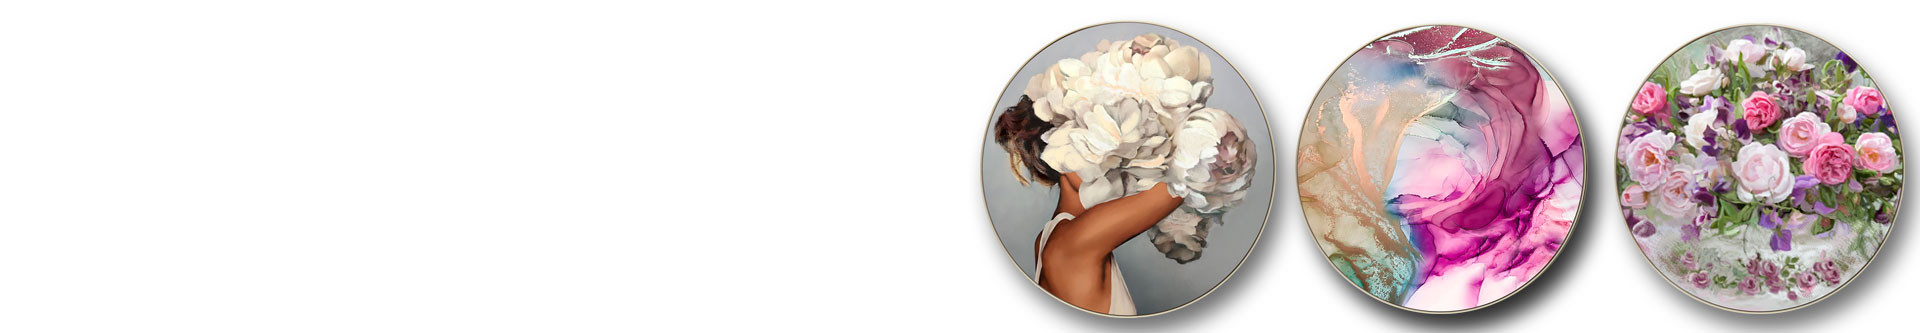 Okrągłe obrazy, grafiki  - zobacz teraz w grafikiobrazy.pl